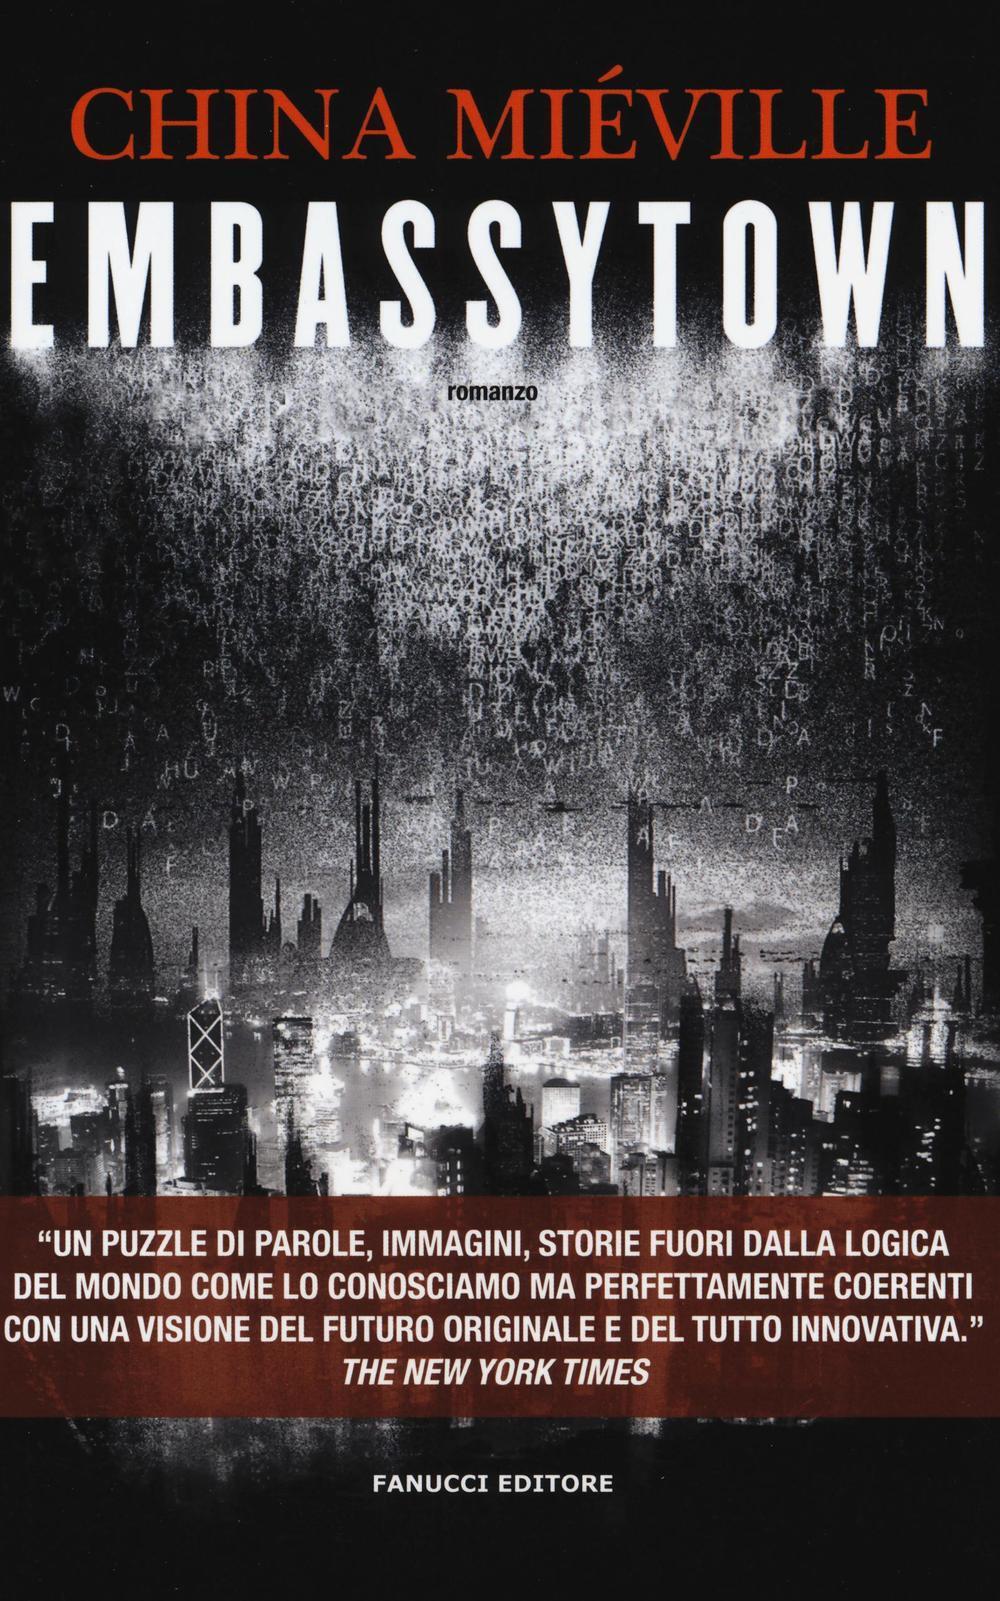 Embassytown  China Mi�ville  Libro  Fanucci  Collezione Immaginario  Fantasy  Ibs